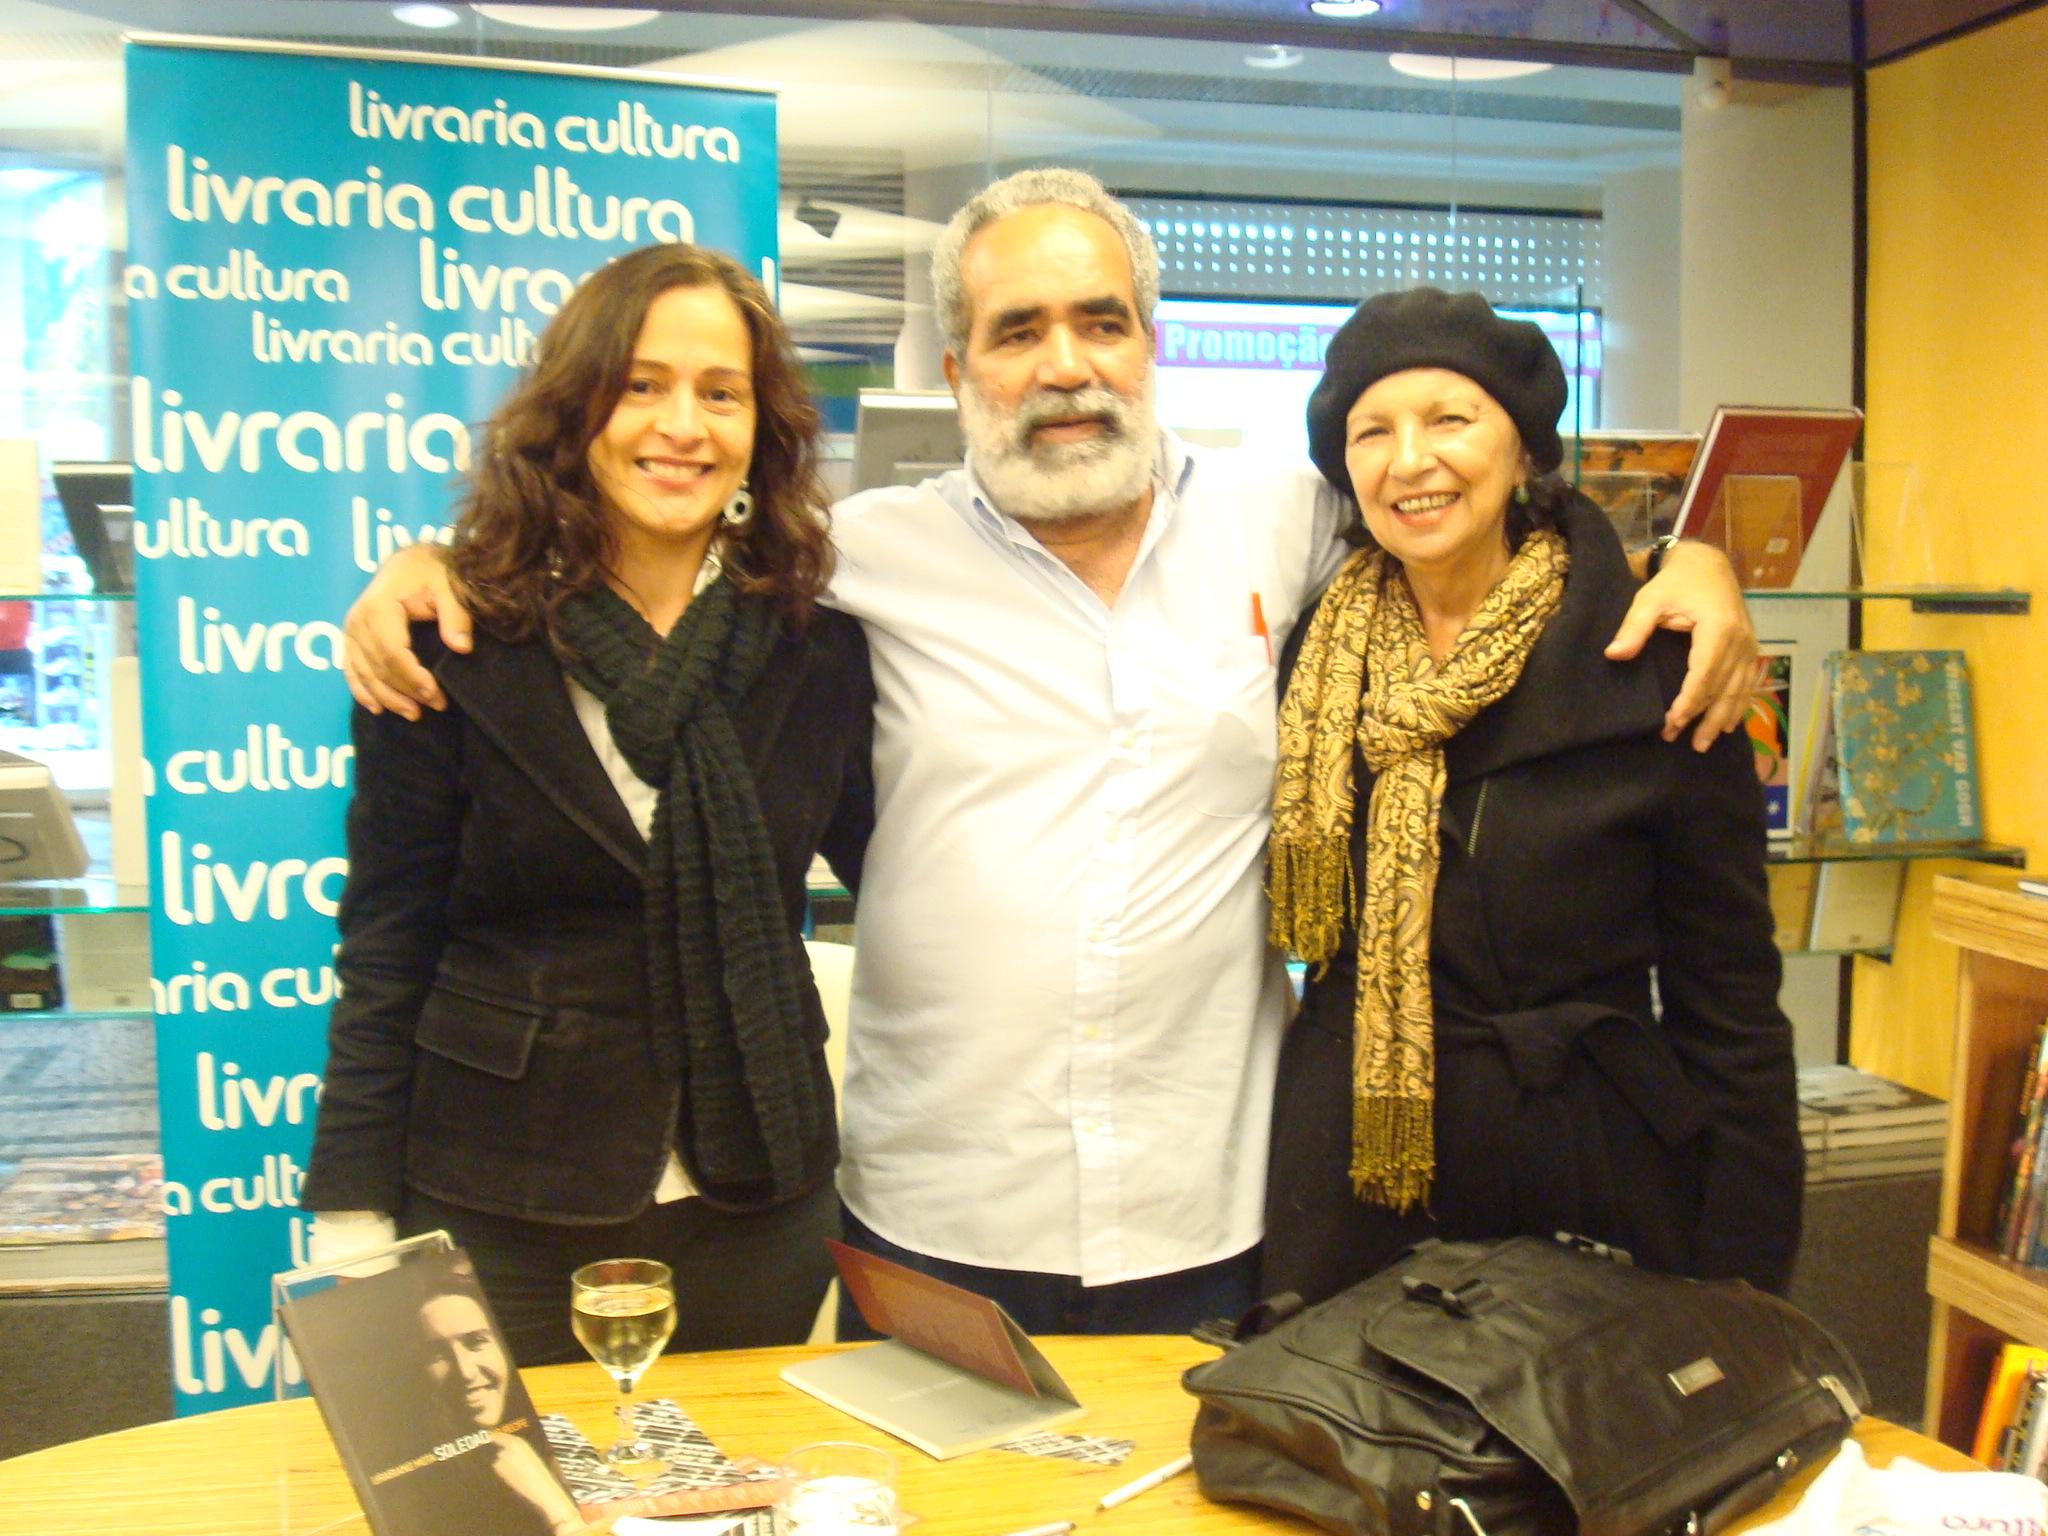 Entrevista Urariano Mota - Ivana Jinkings, Urariano, Rose Nogueira (Foto: Luanda Calado/ Divulgação)